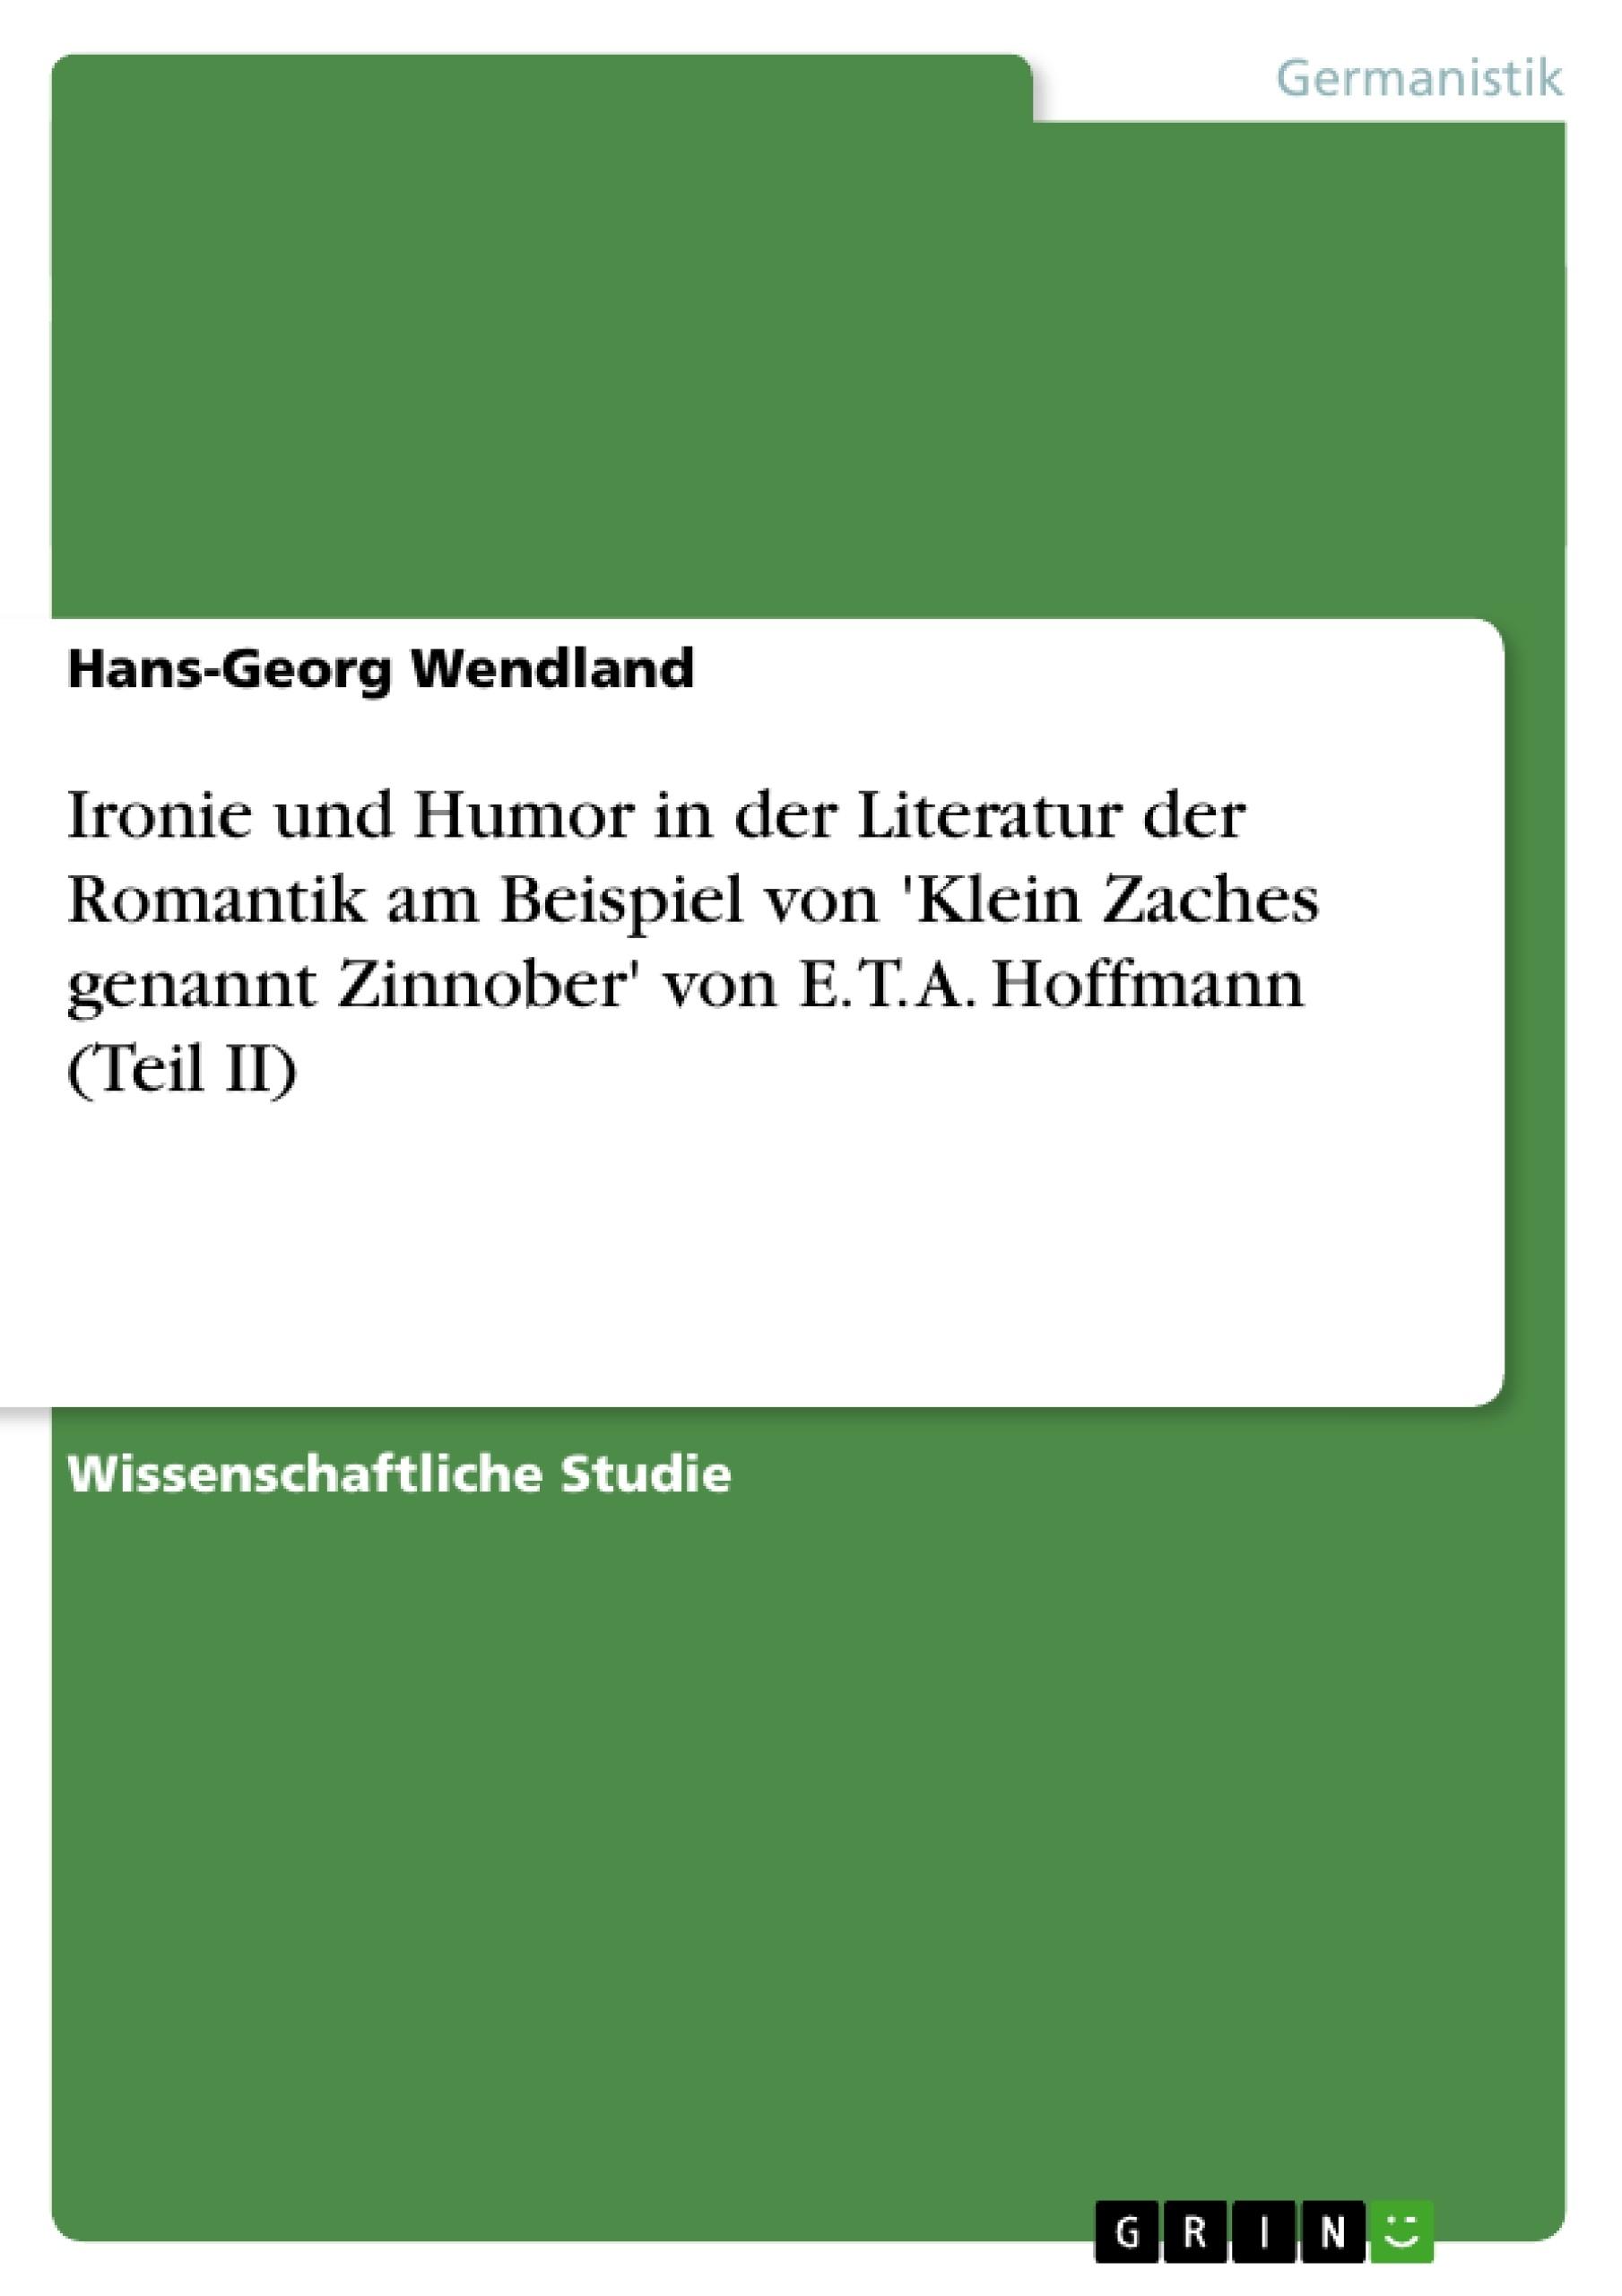 Titel: Ironie und Humor in der Literatur der Romantik  am Beispiel von 'Klein Zaches genannt Zinnober' von E. T. A. Hoffmann (Teil II)